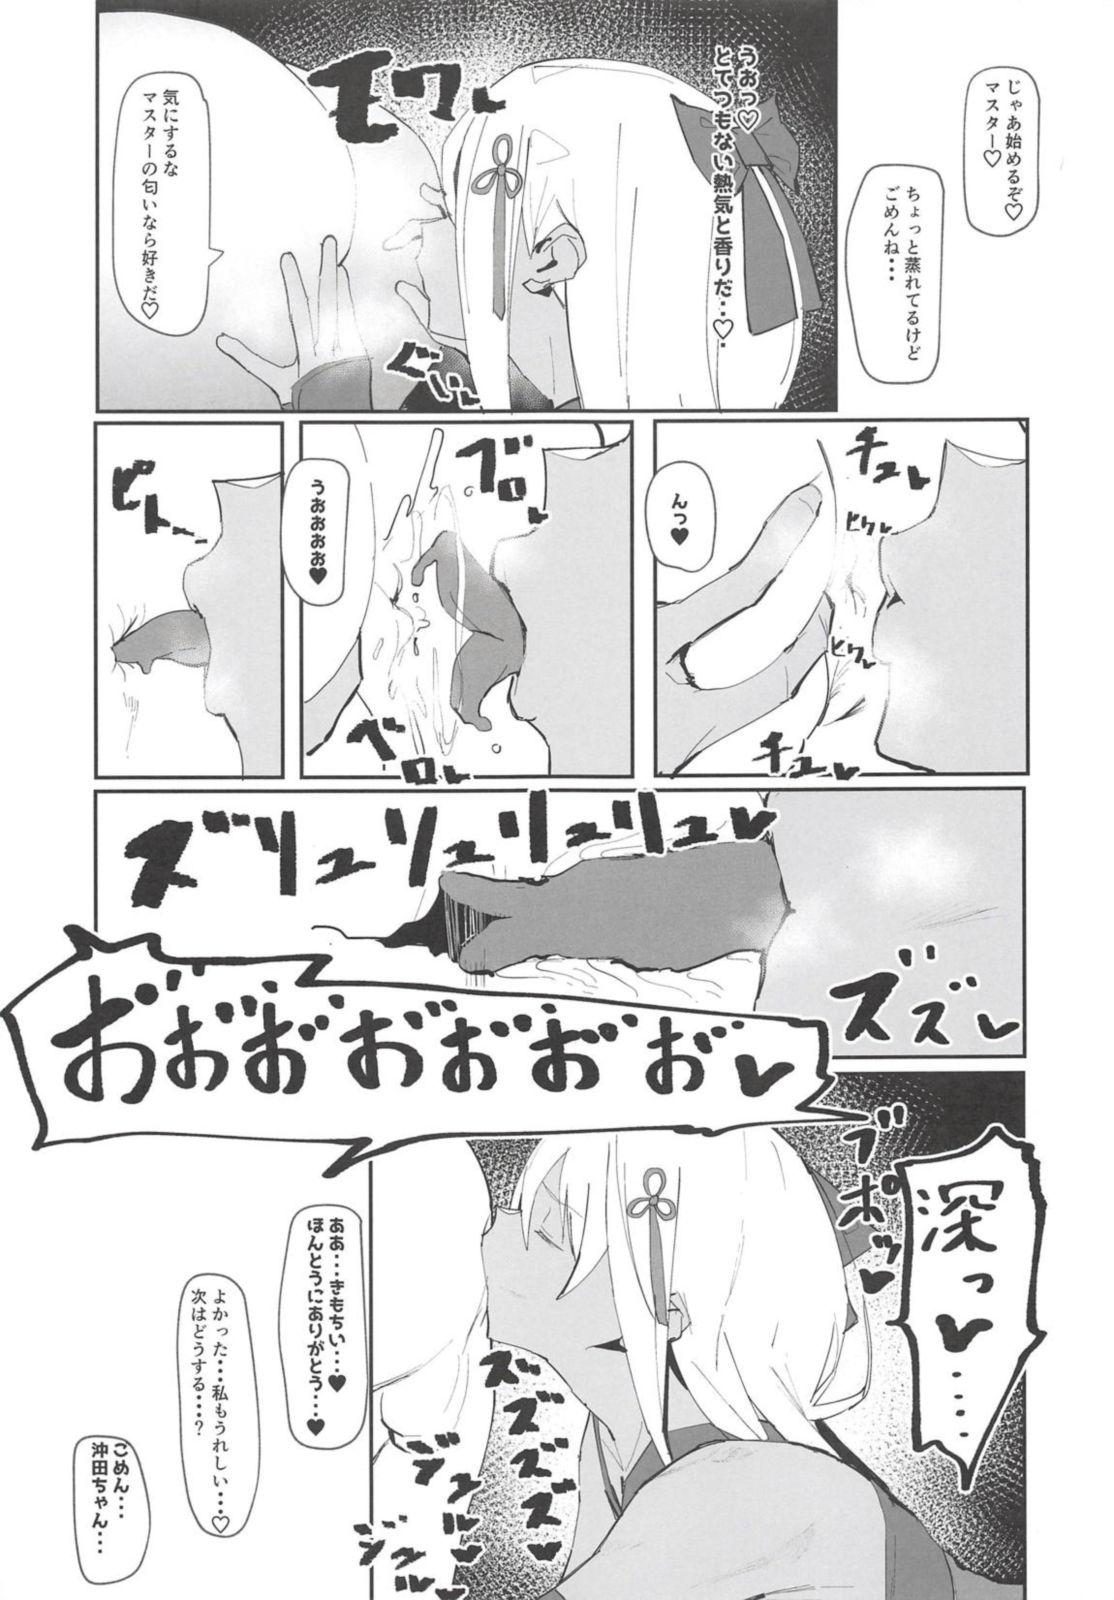 【エロ同人誌】沖田ちゃんの腋ペロペロしたい…!お掃除フェラから手コキバックファックww【自家太郎:沖田ちゃんがなんでもしてくれるおはなし】